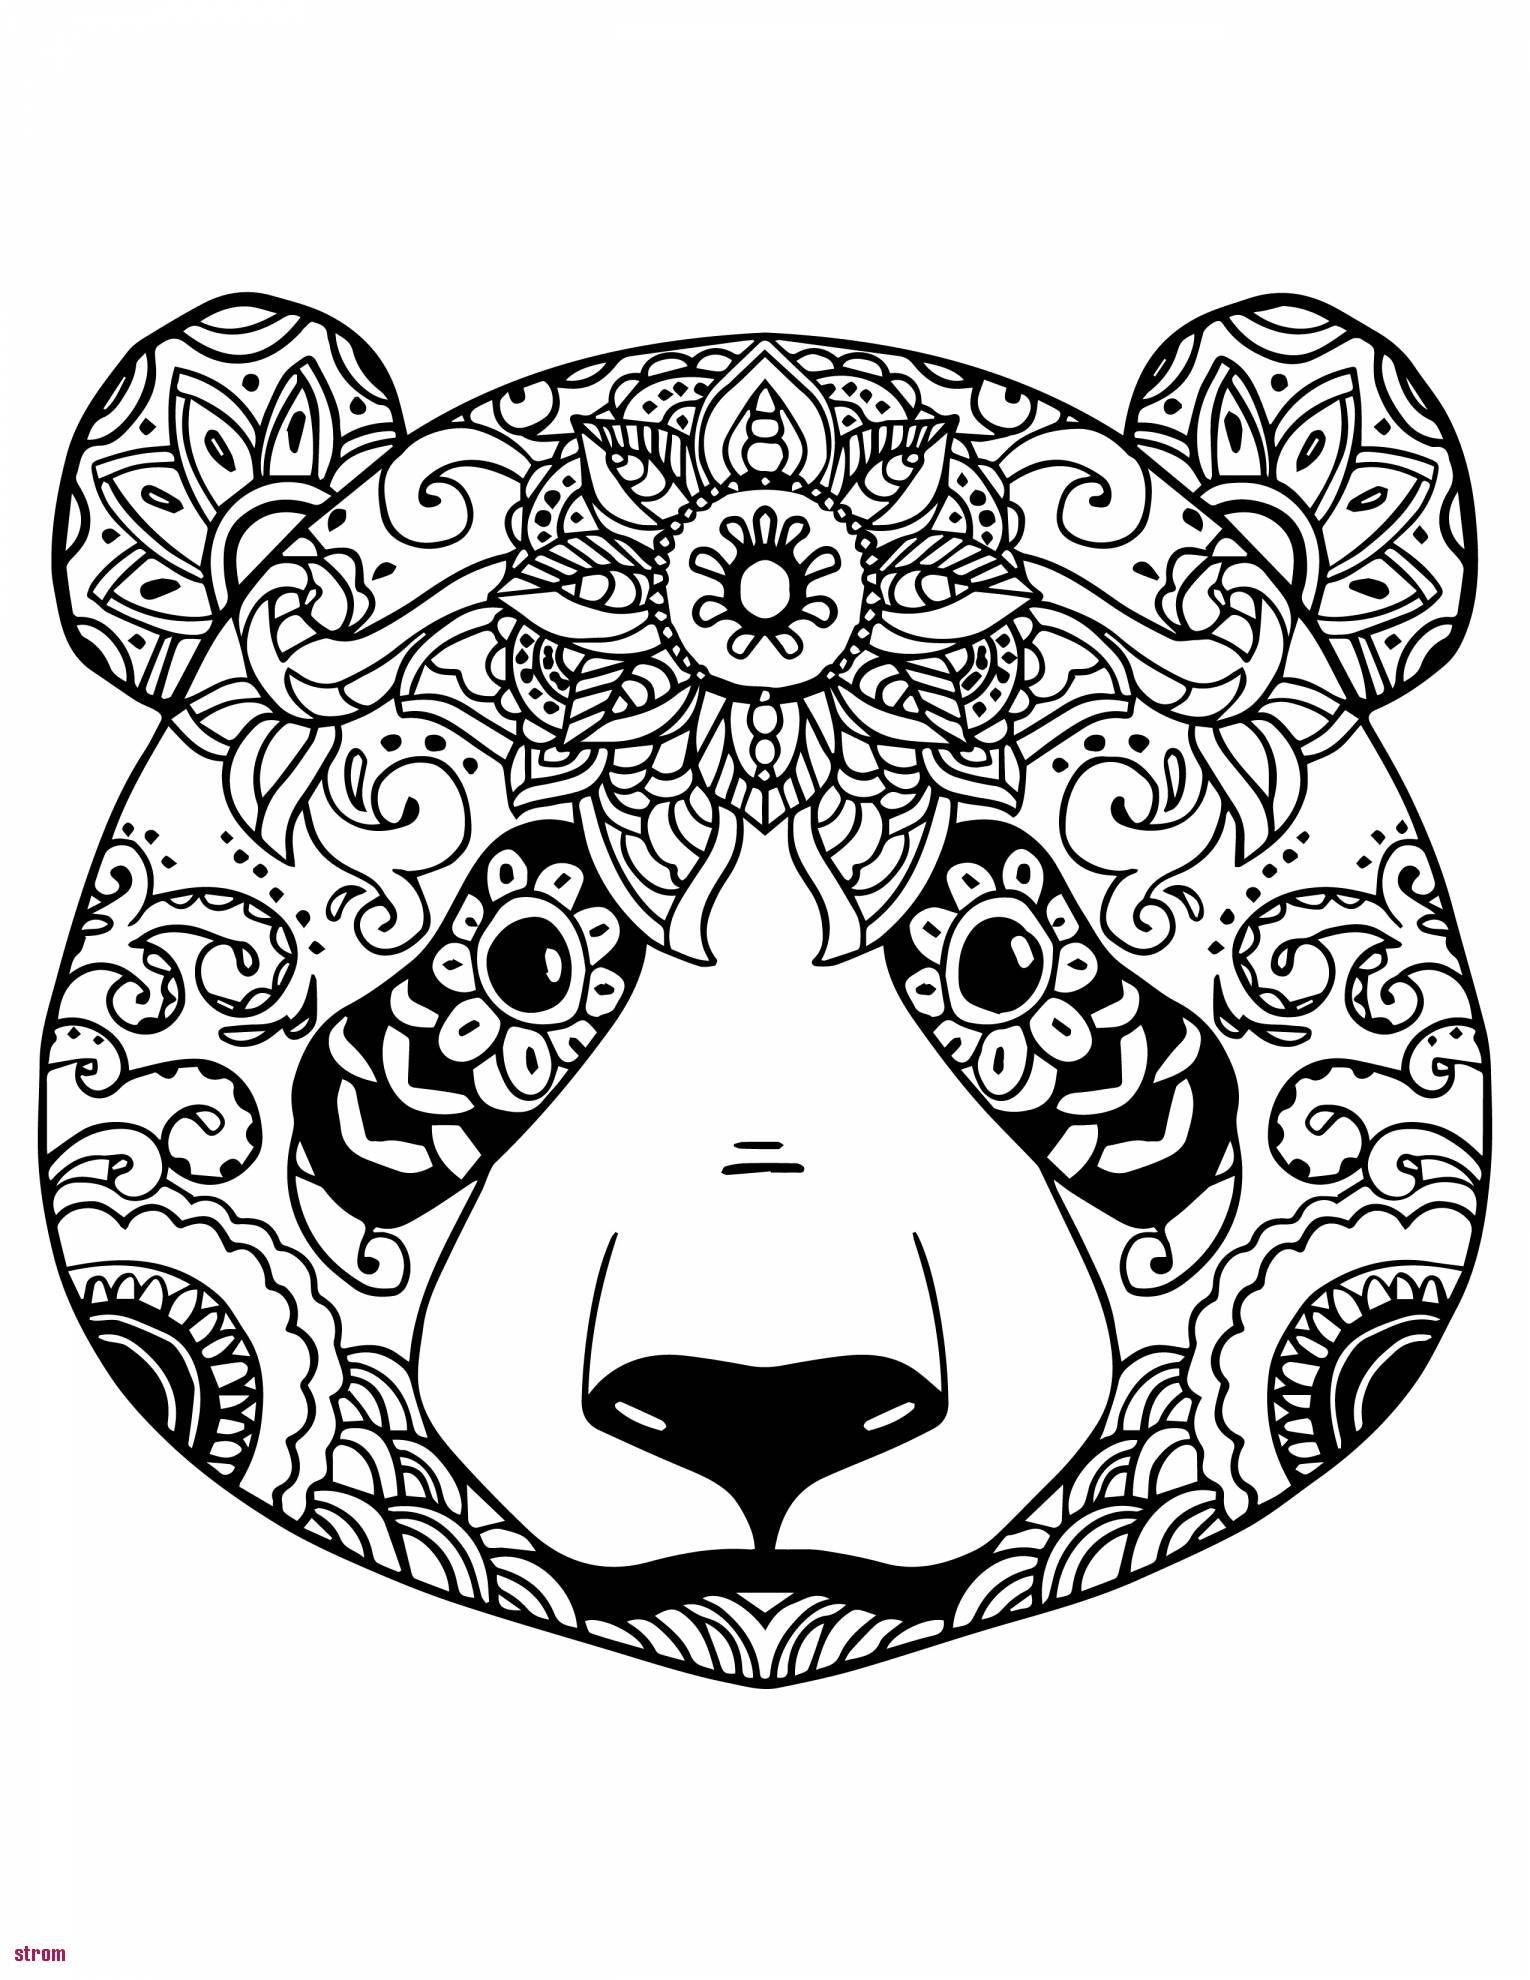 Coloriage Mandala Imprimer Gratuit Excellent Portrait Belle à Coloriage A4 Imprimer Gratuit